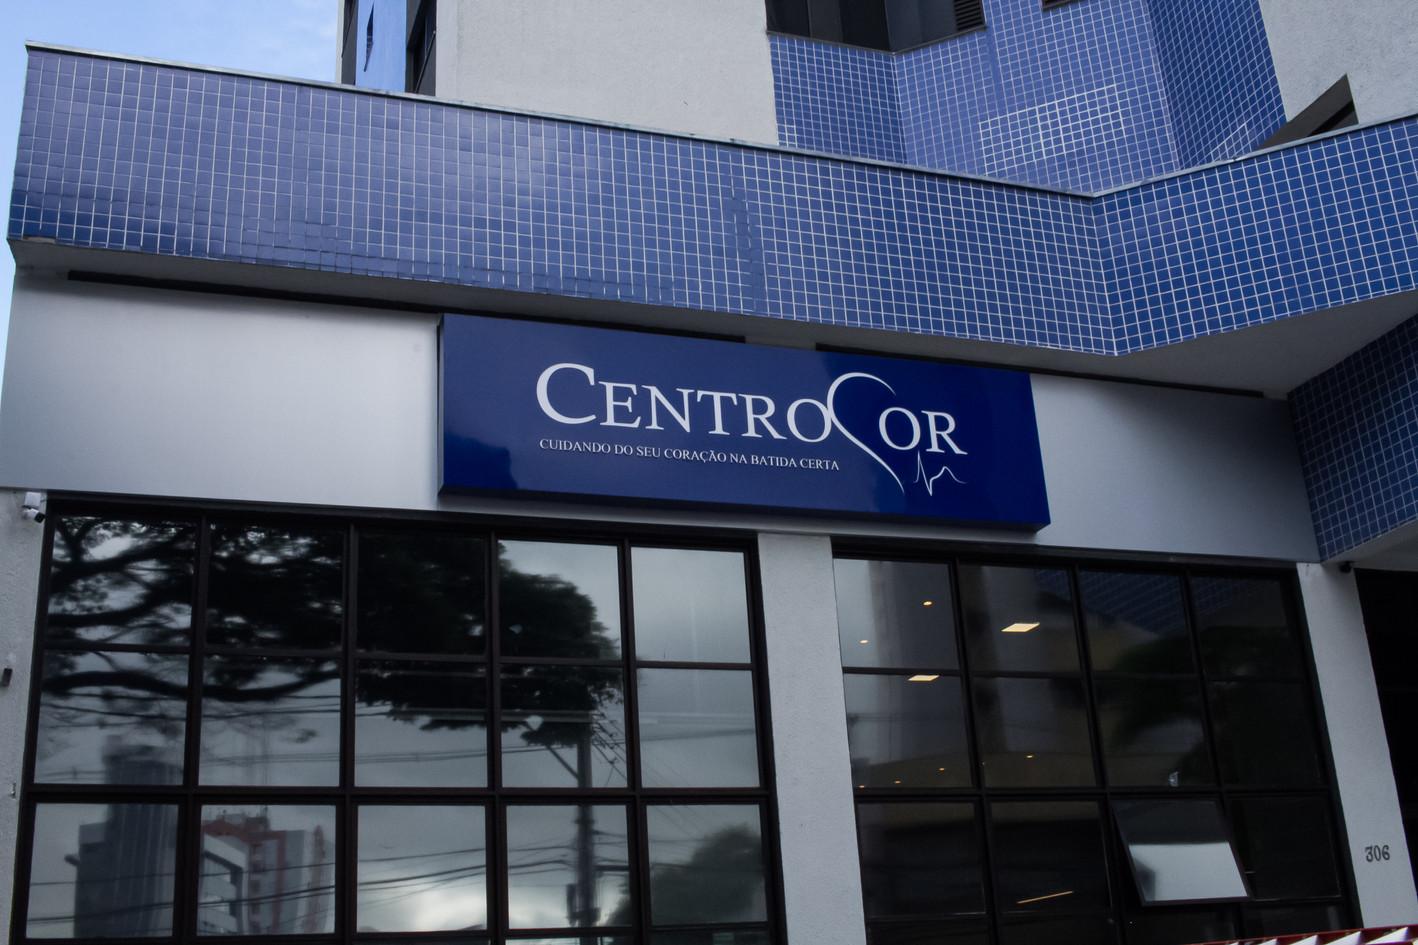 0106-CentroCor-Clinica-15052019-foto-sil